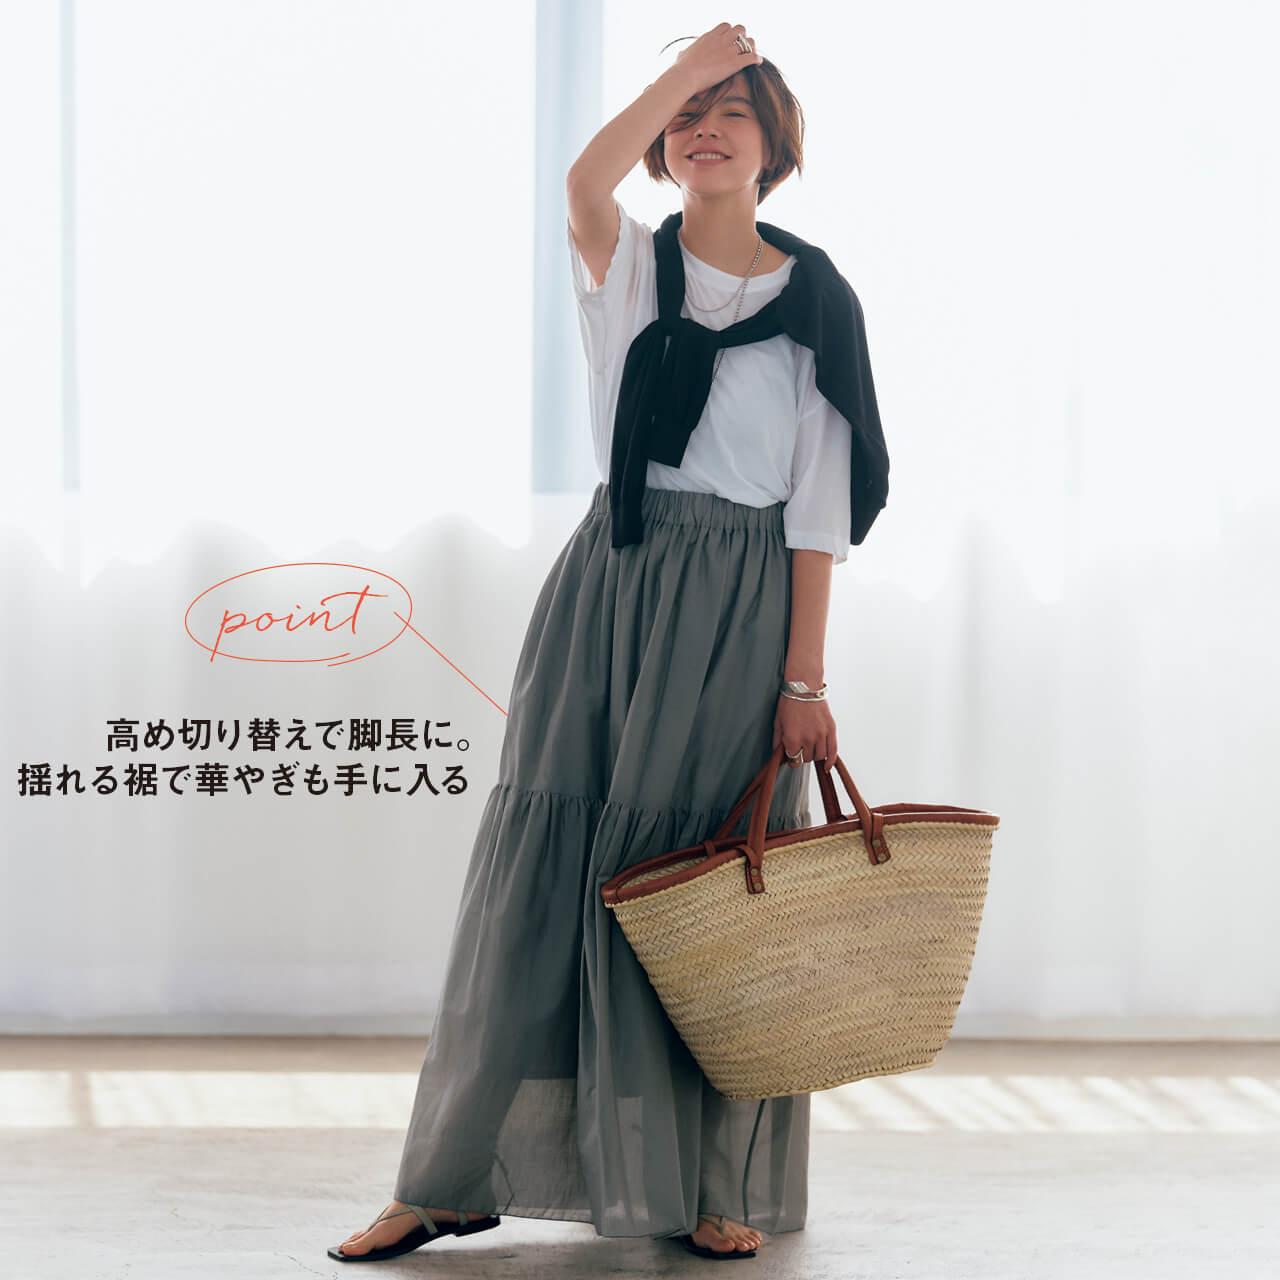 浅見れいな さん ティアードスカートも透け素材なら 上品な可愛げと軽さが手に入る point 高め切り替えで脚長に。 揺れる裾で華やぎも手に入る